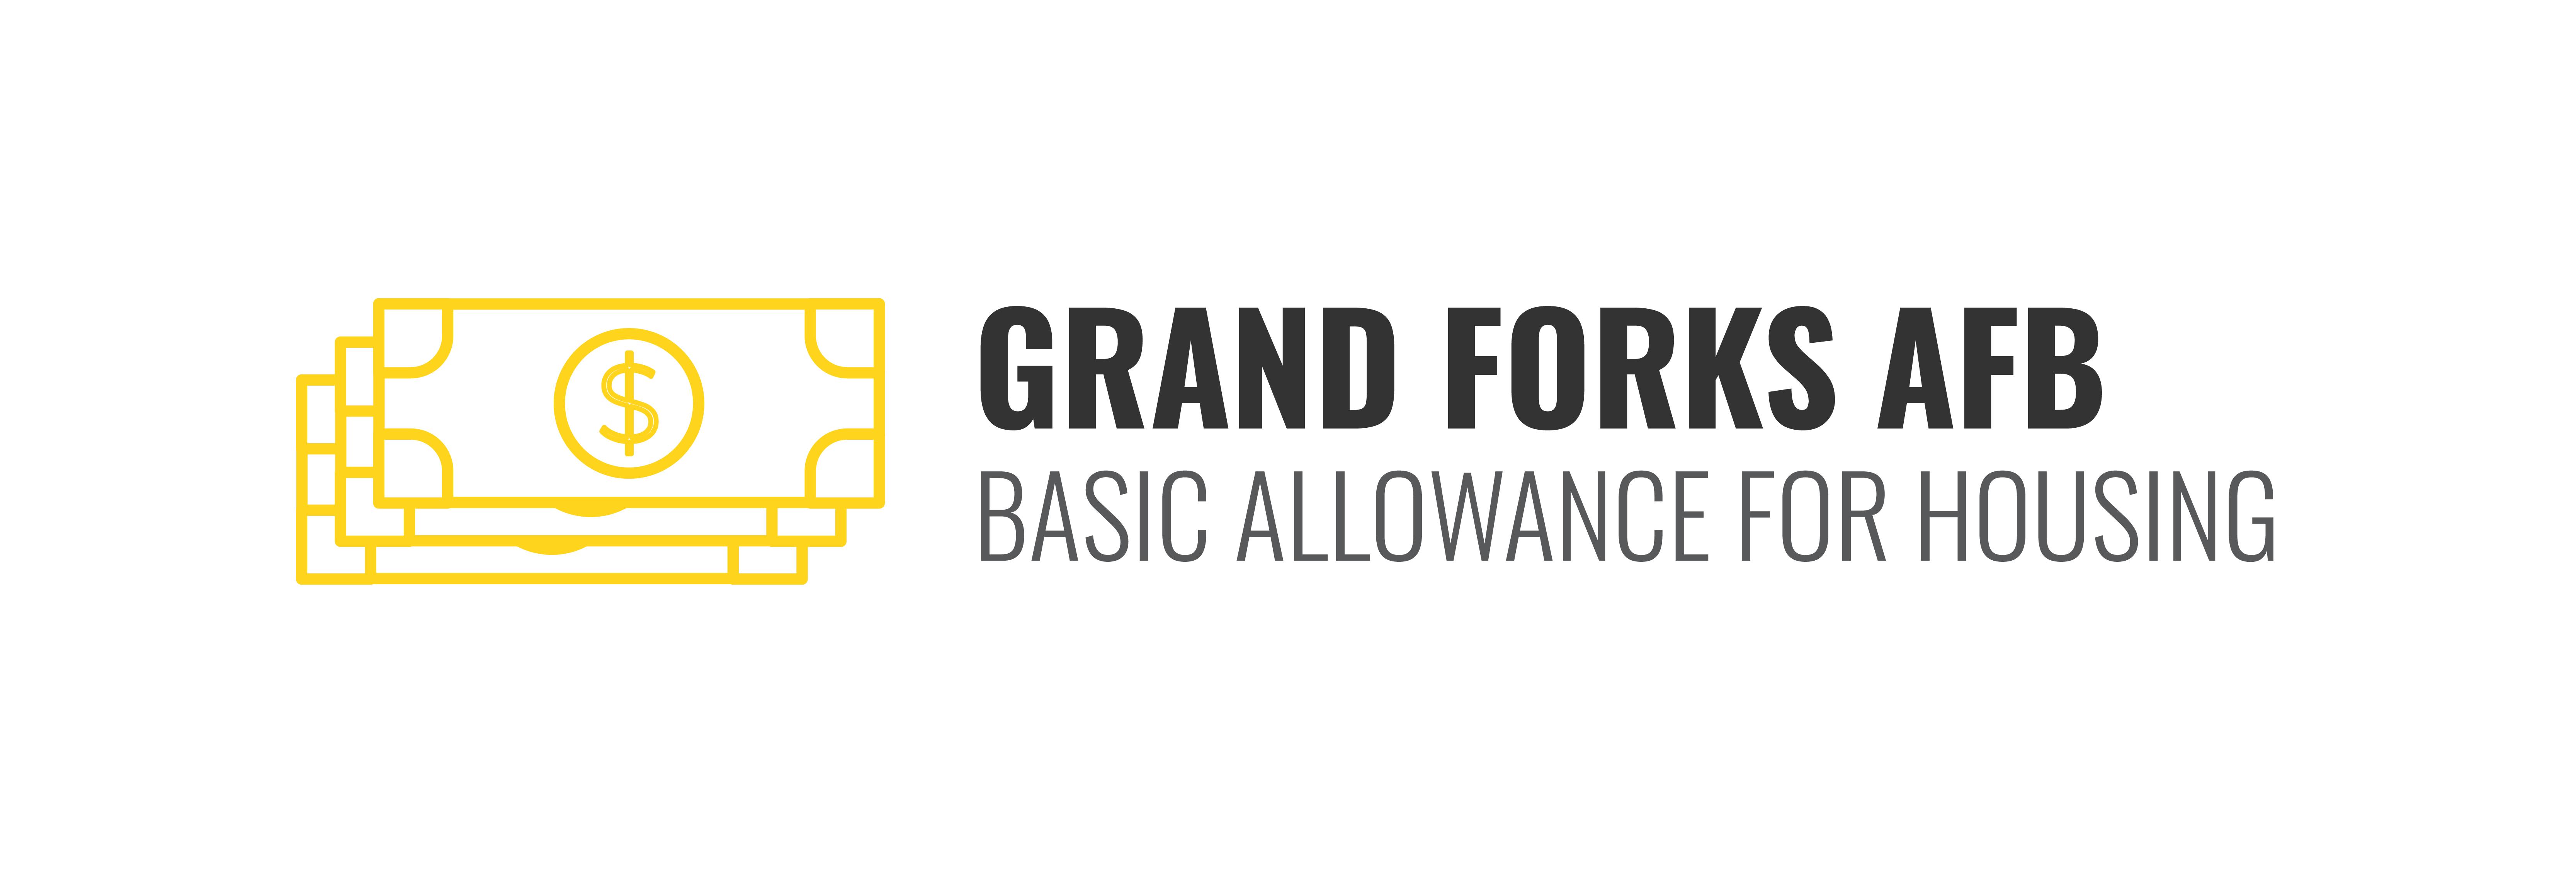 BAH Grand Forks, ND